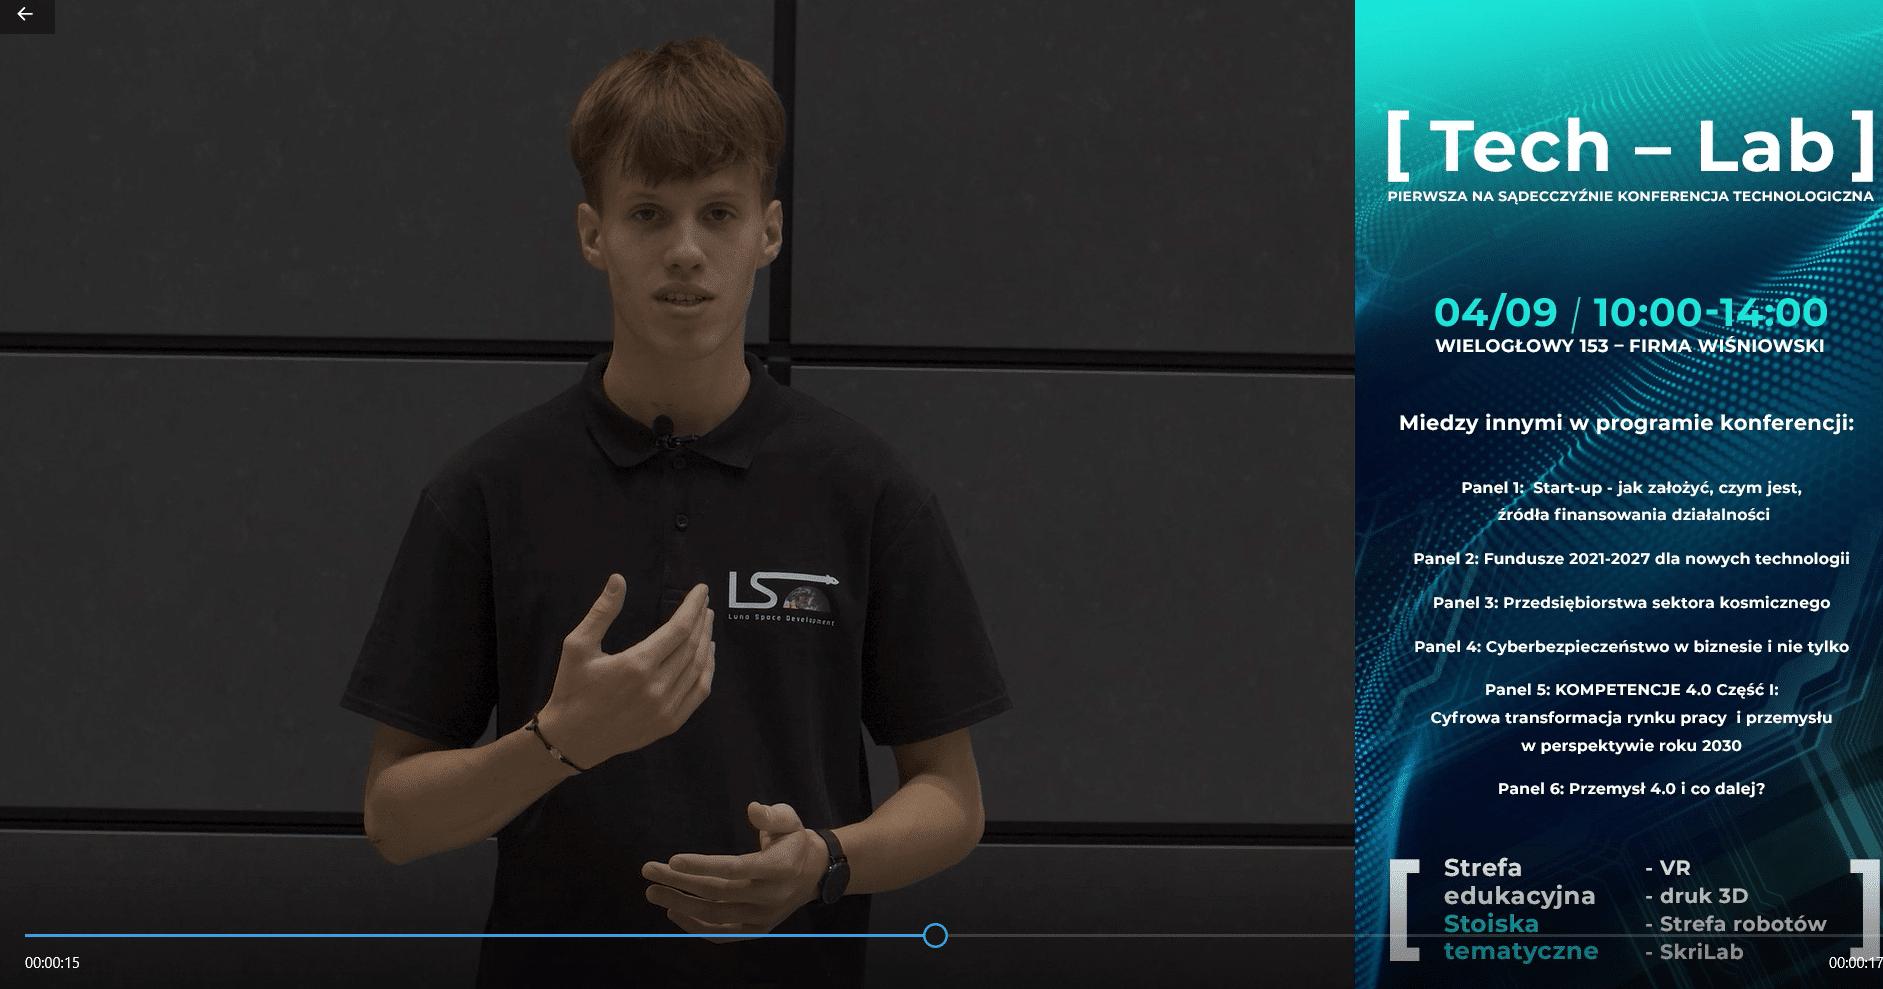 tech lab konferencja technologiczna